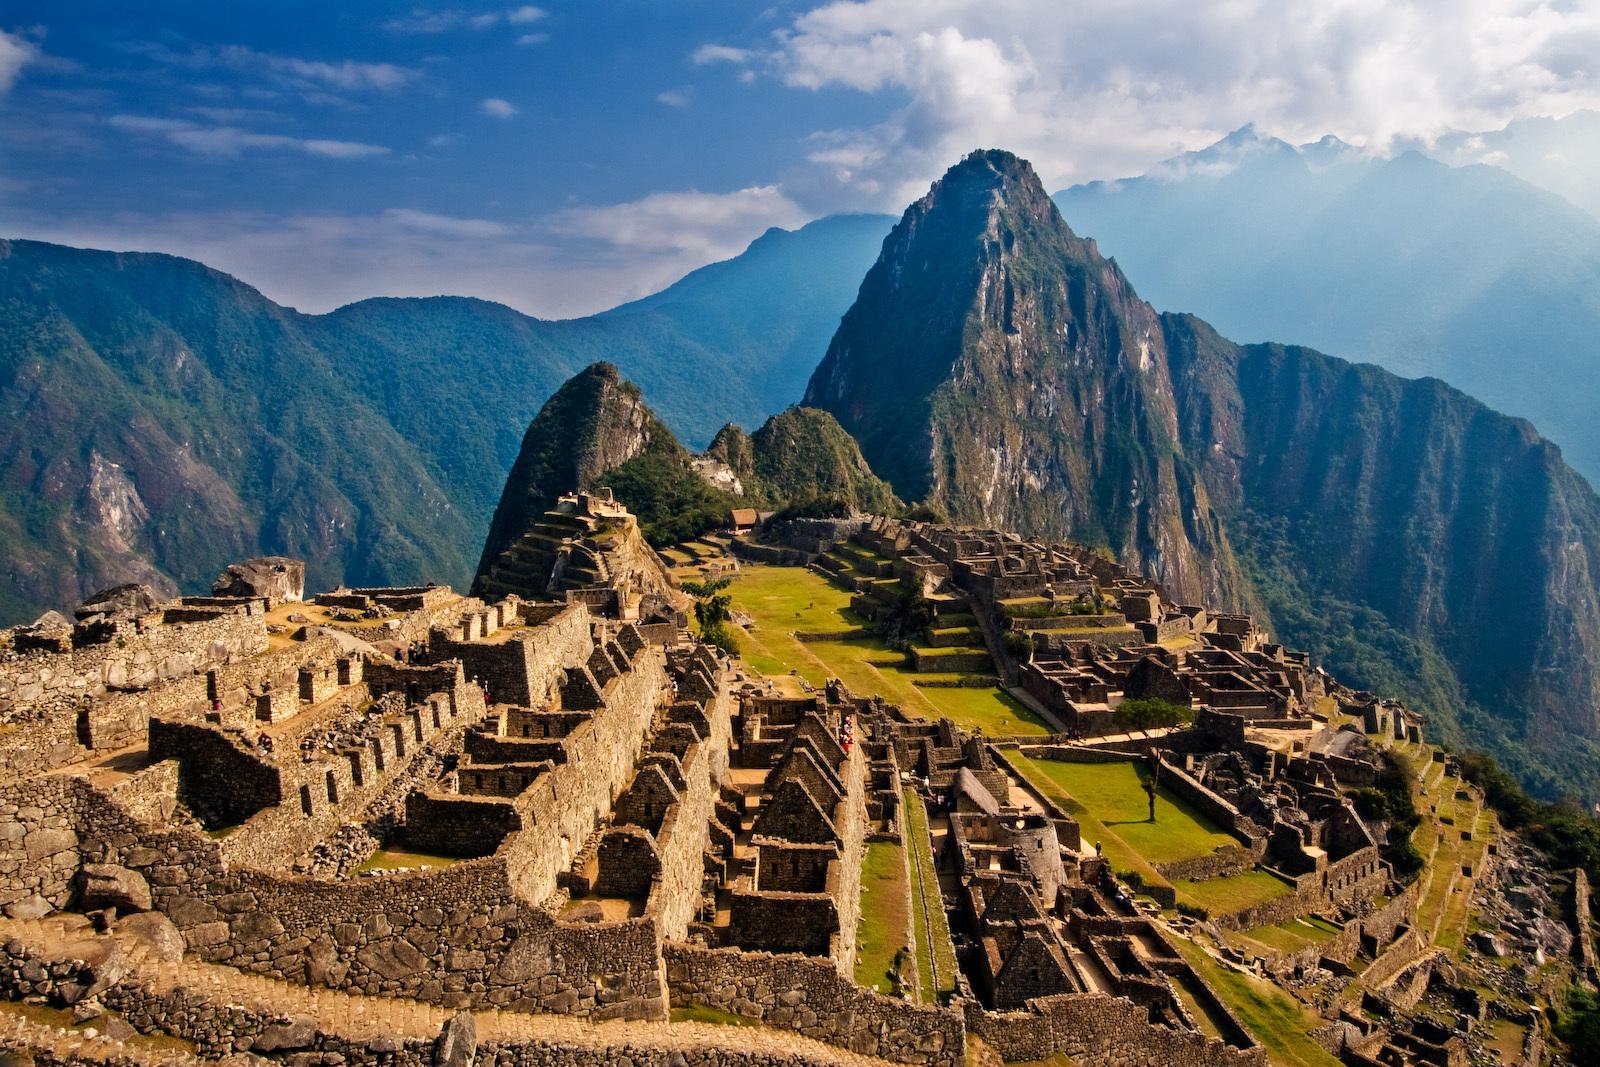 Uma viagem pelo passado: conheça os principais sítios arqueológicos do mundo